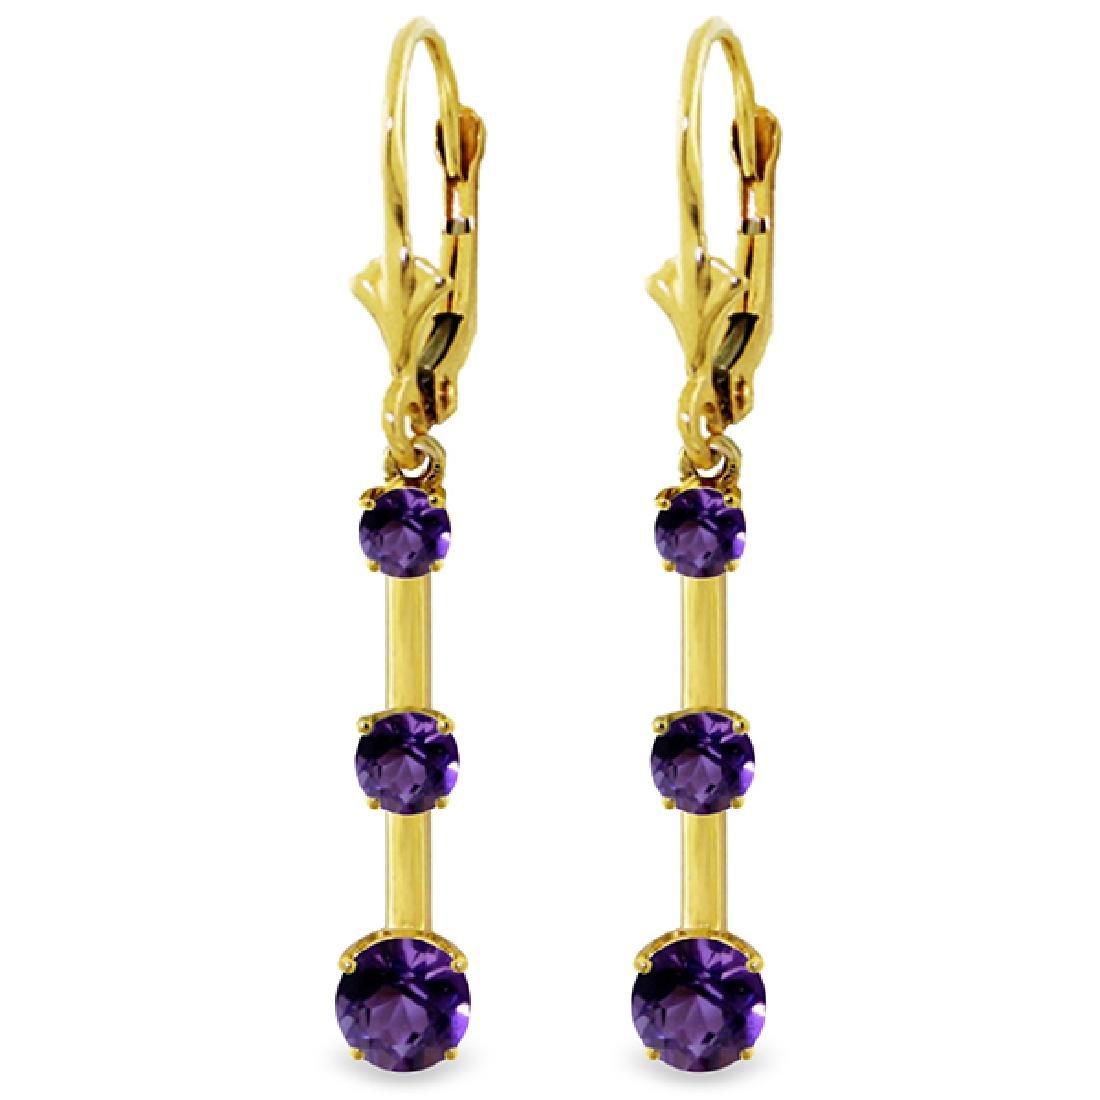 Genuine 2.5 ctw Amethyst Earrings Jewelry 14KT Yellow